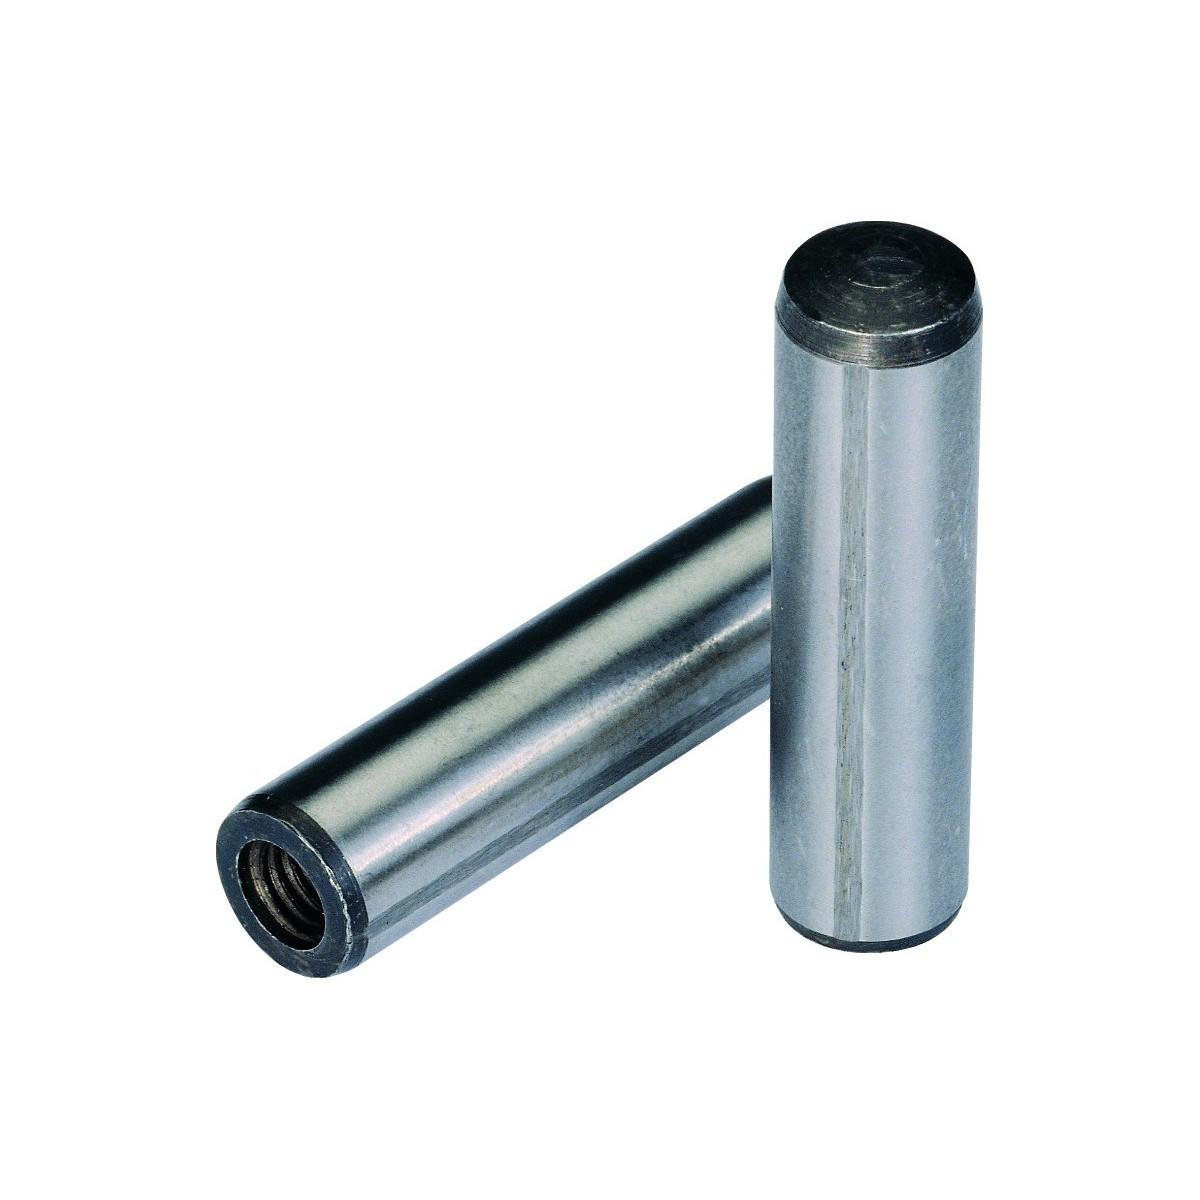 Штифт циліндричний MMG DIN 7979D M8 х 36 Клас 10.9 (Фосфат) 1 шт